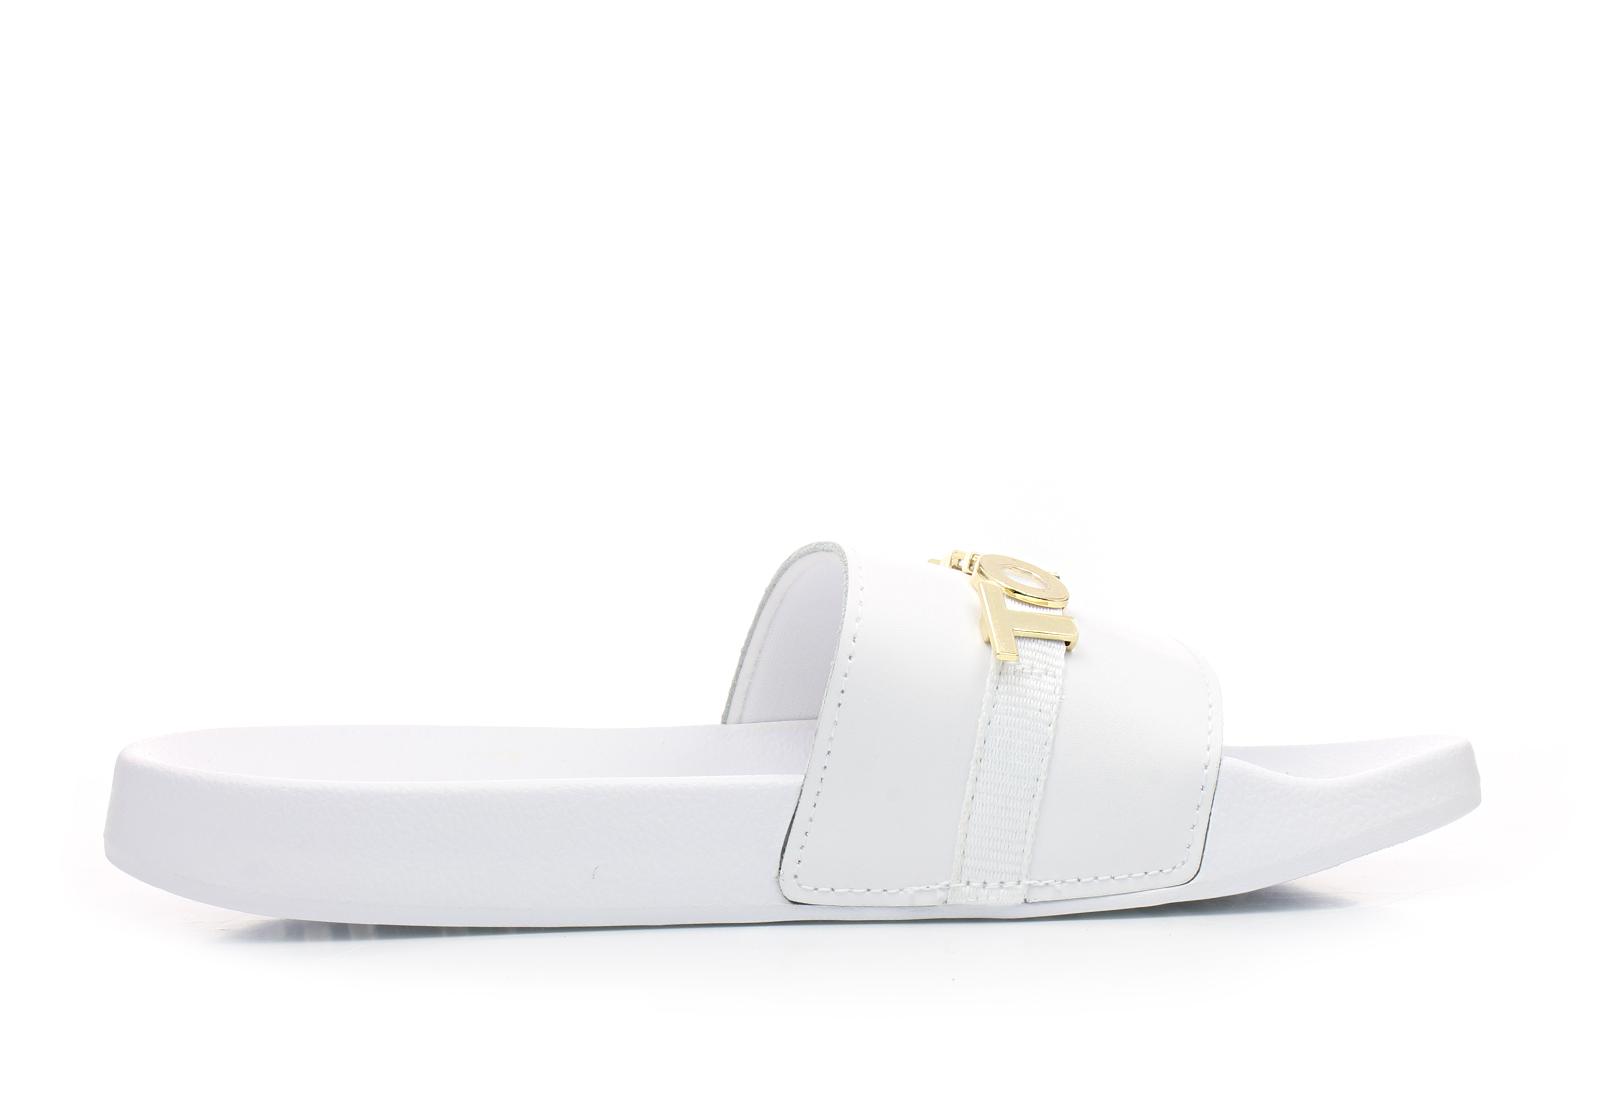 28f3a98534b1 Tommy Hilfiger Papucs - Maezie 7d - 18F-2965-100 - Office Shoes ...